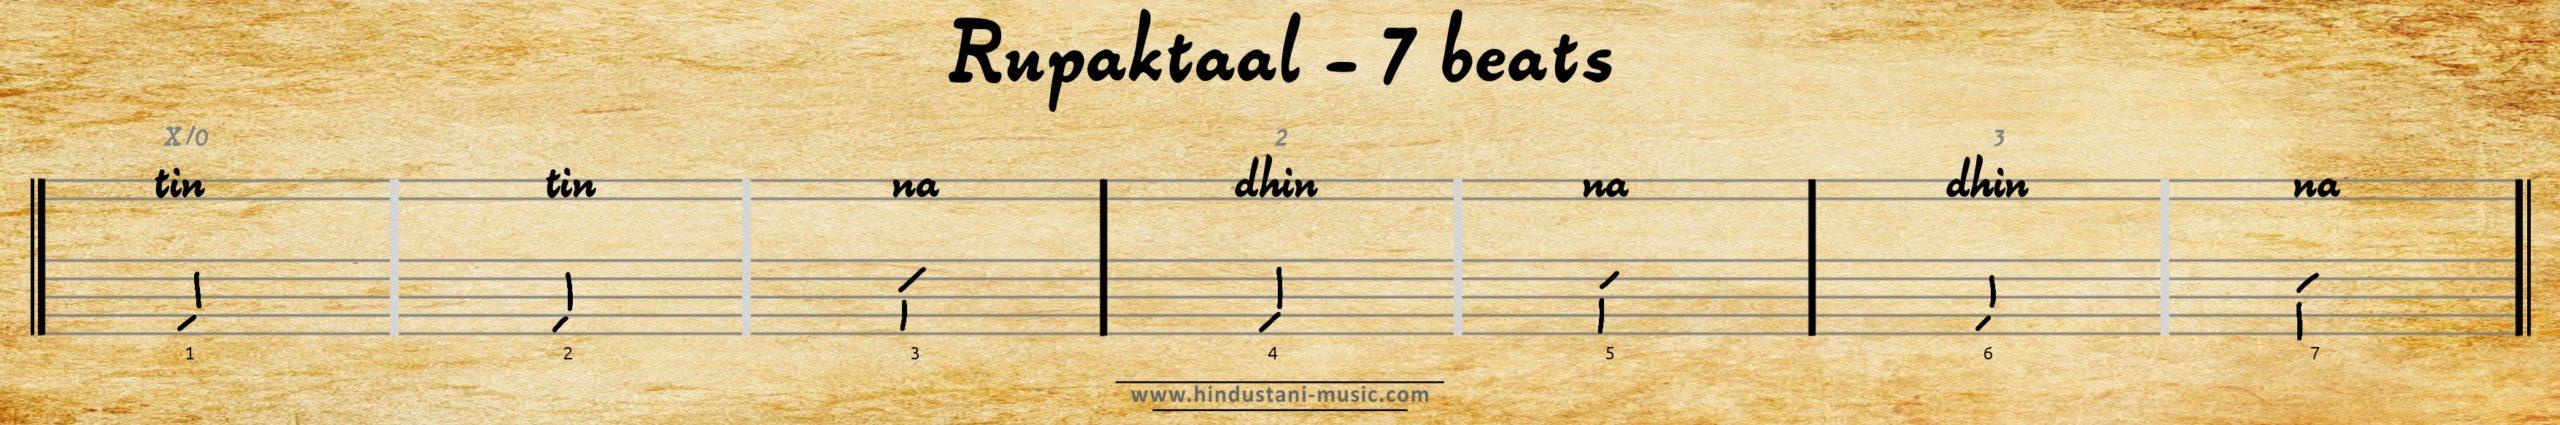 7 beats Rupaktaal (Rupak Tala)